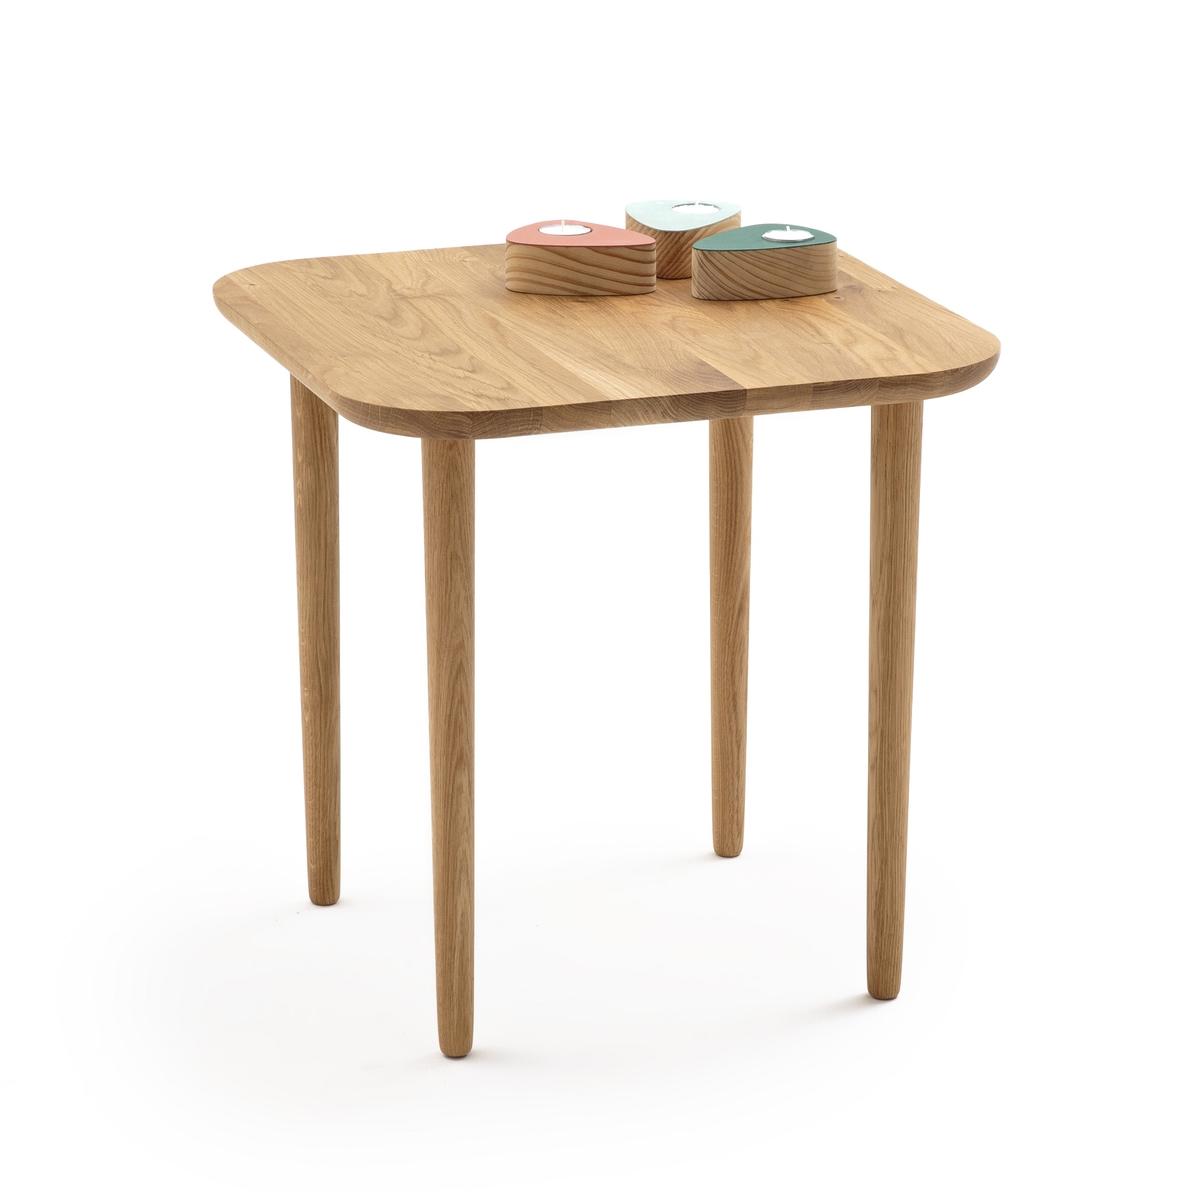 Столик журнальный высокий квадратный из дуба CRUESO столик журнальный квадратный из массива дуба aranza